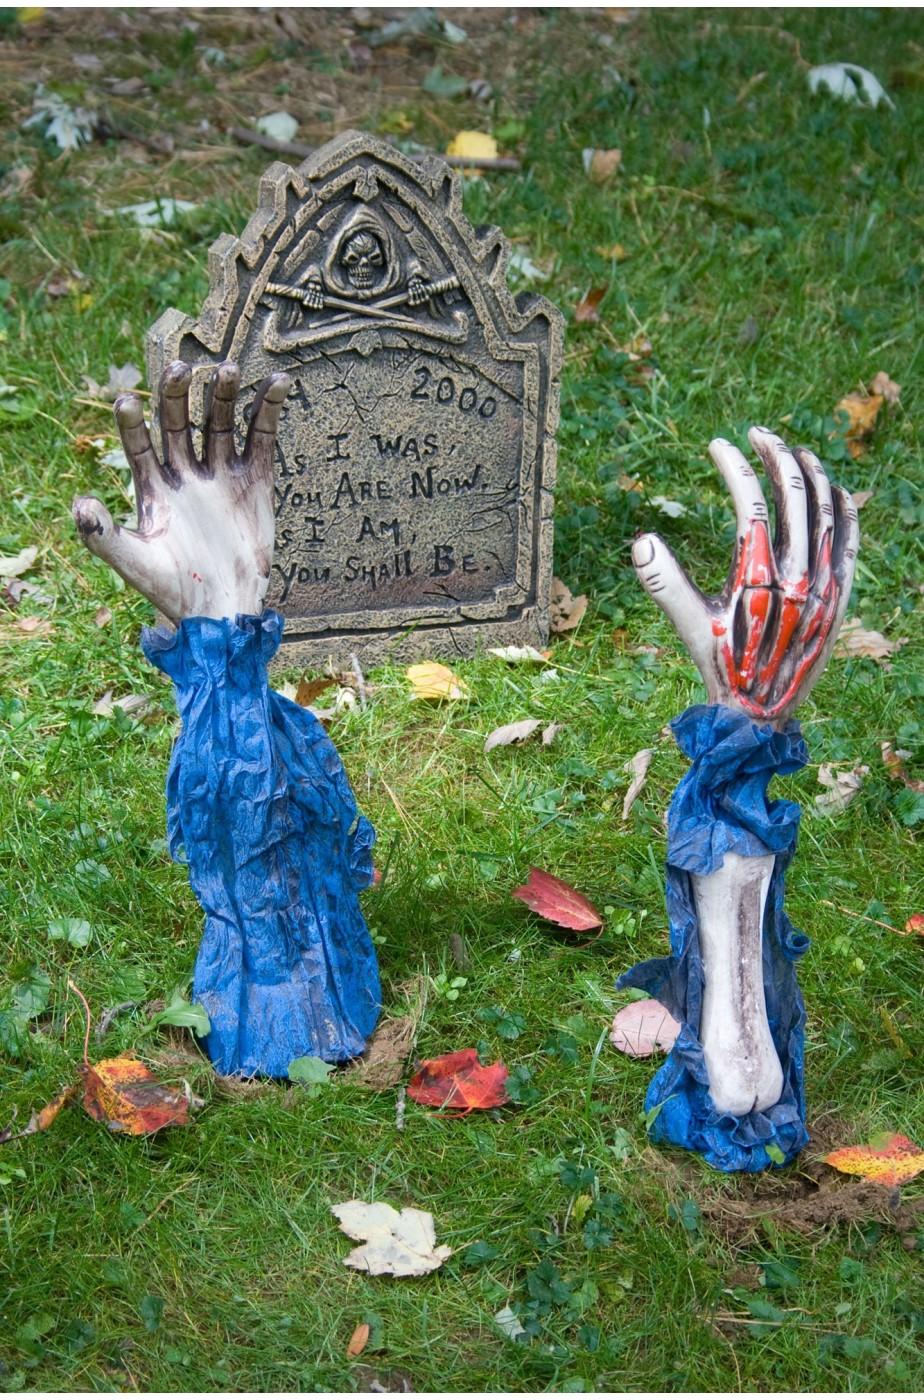 Decorazione Halloween da giardino:mani scheletro che escono dal terra Zombie